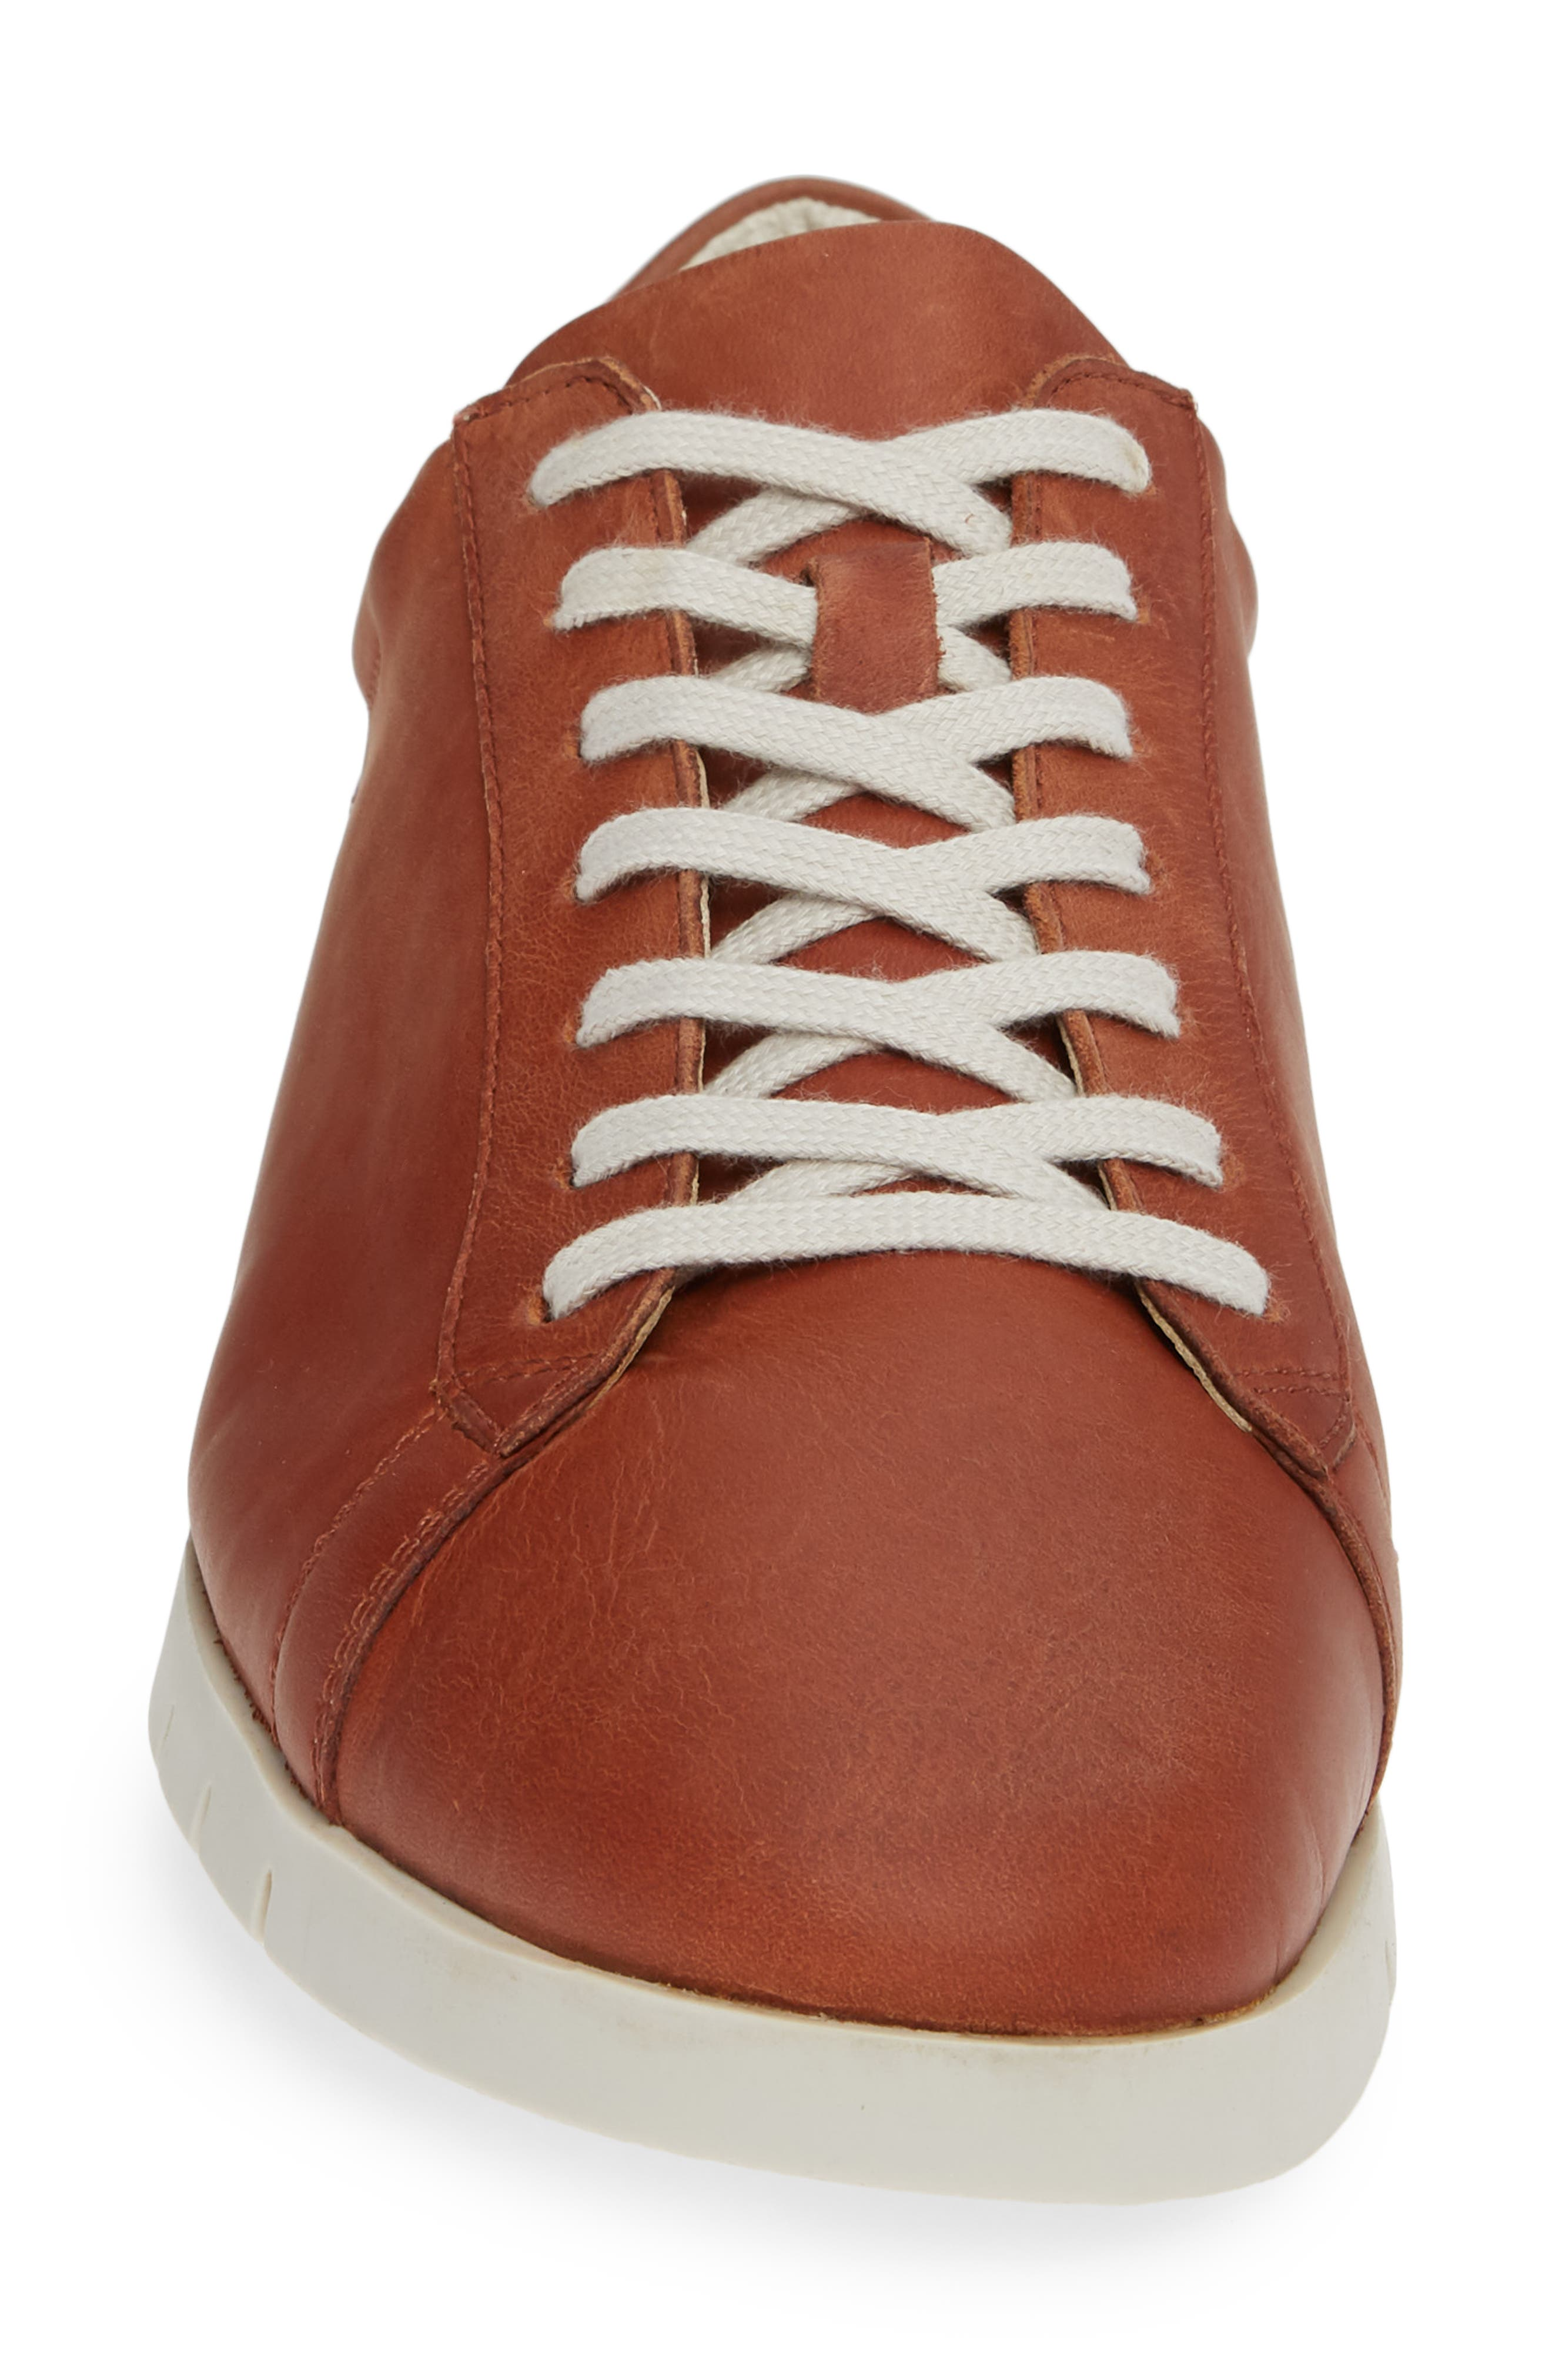 Cer Low-Top Sneaker,                             Alternate thumbnail 4, color,                             COGNAC CORGI LEATHER